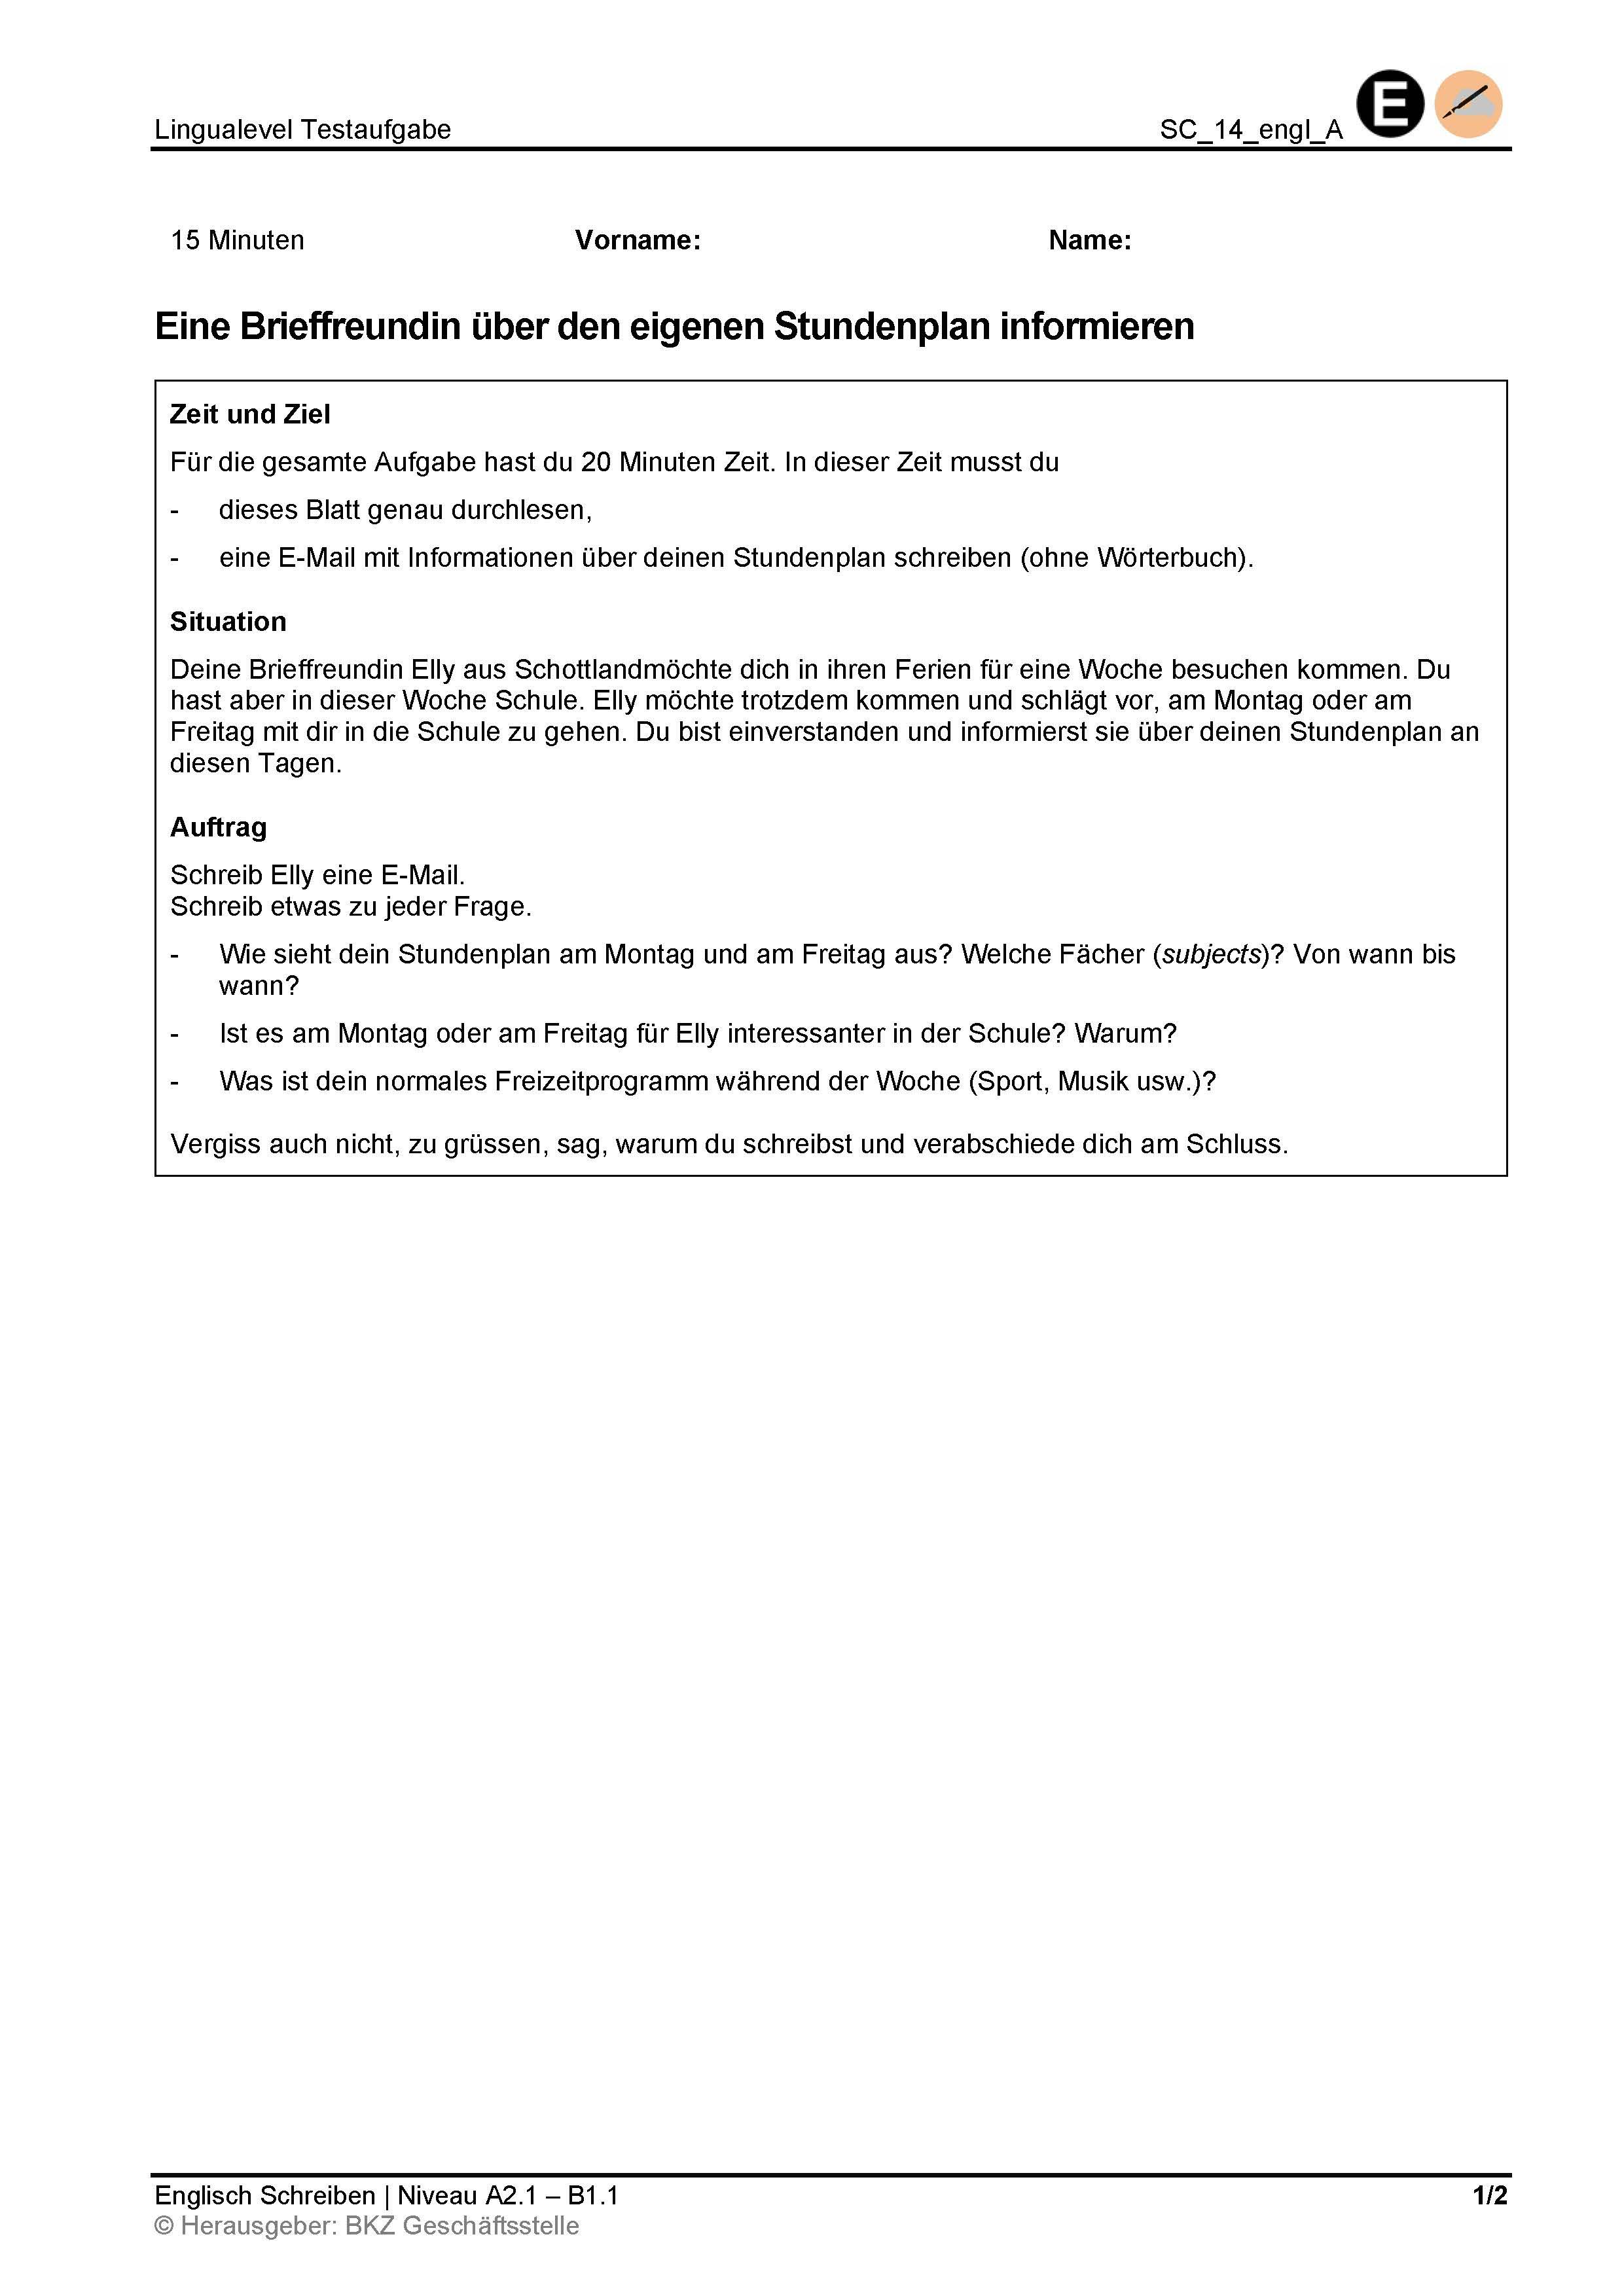 Preview image for LOM object Schreiben: Eine Brieffreundin über den eigenen Stundenplan informieren